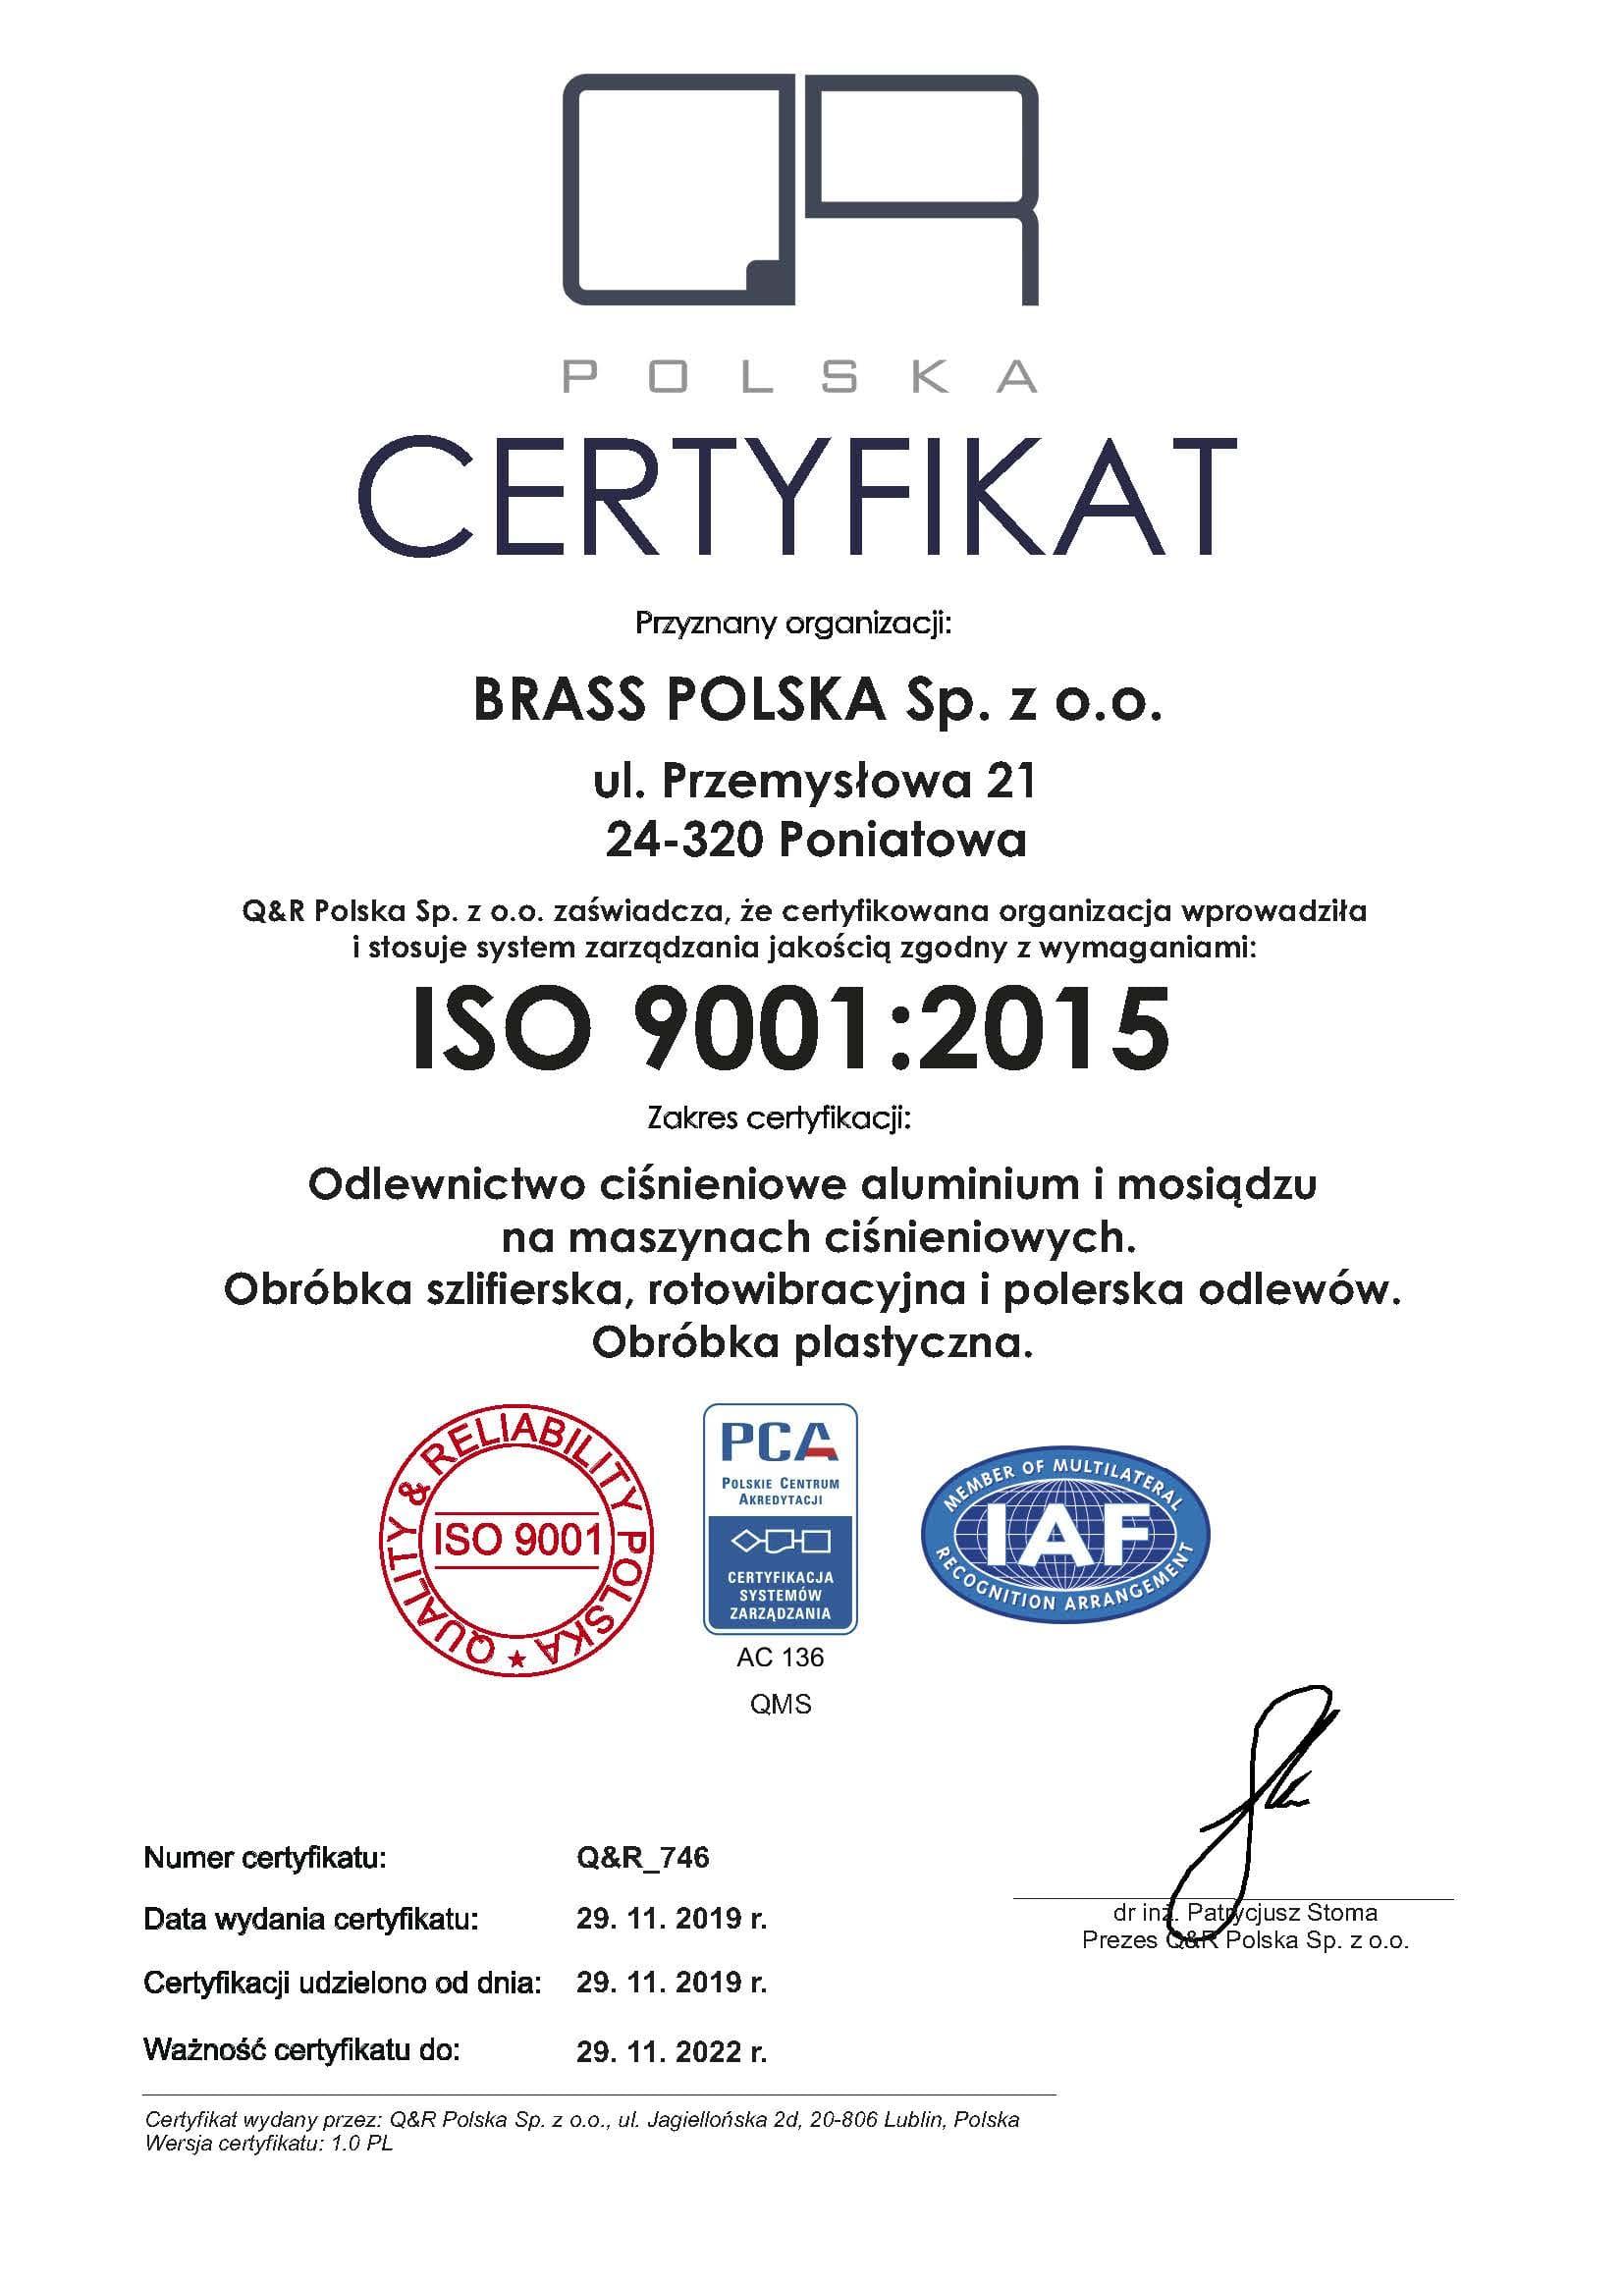 certyfikat QR_746 certyfikat ver 1